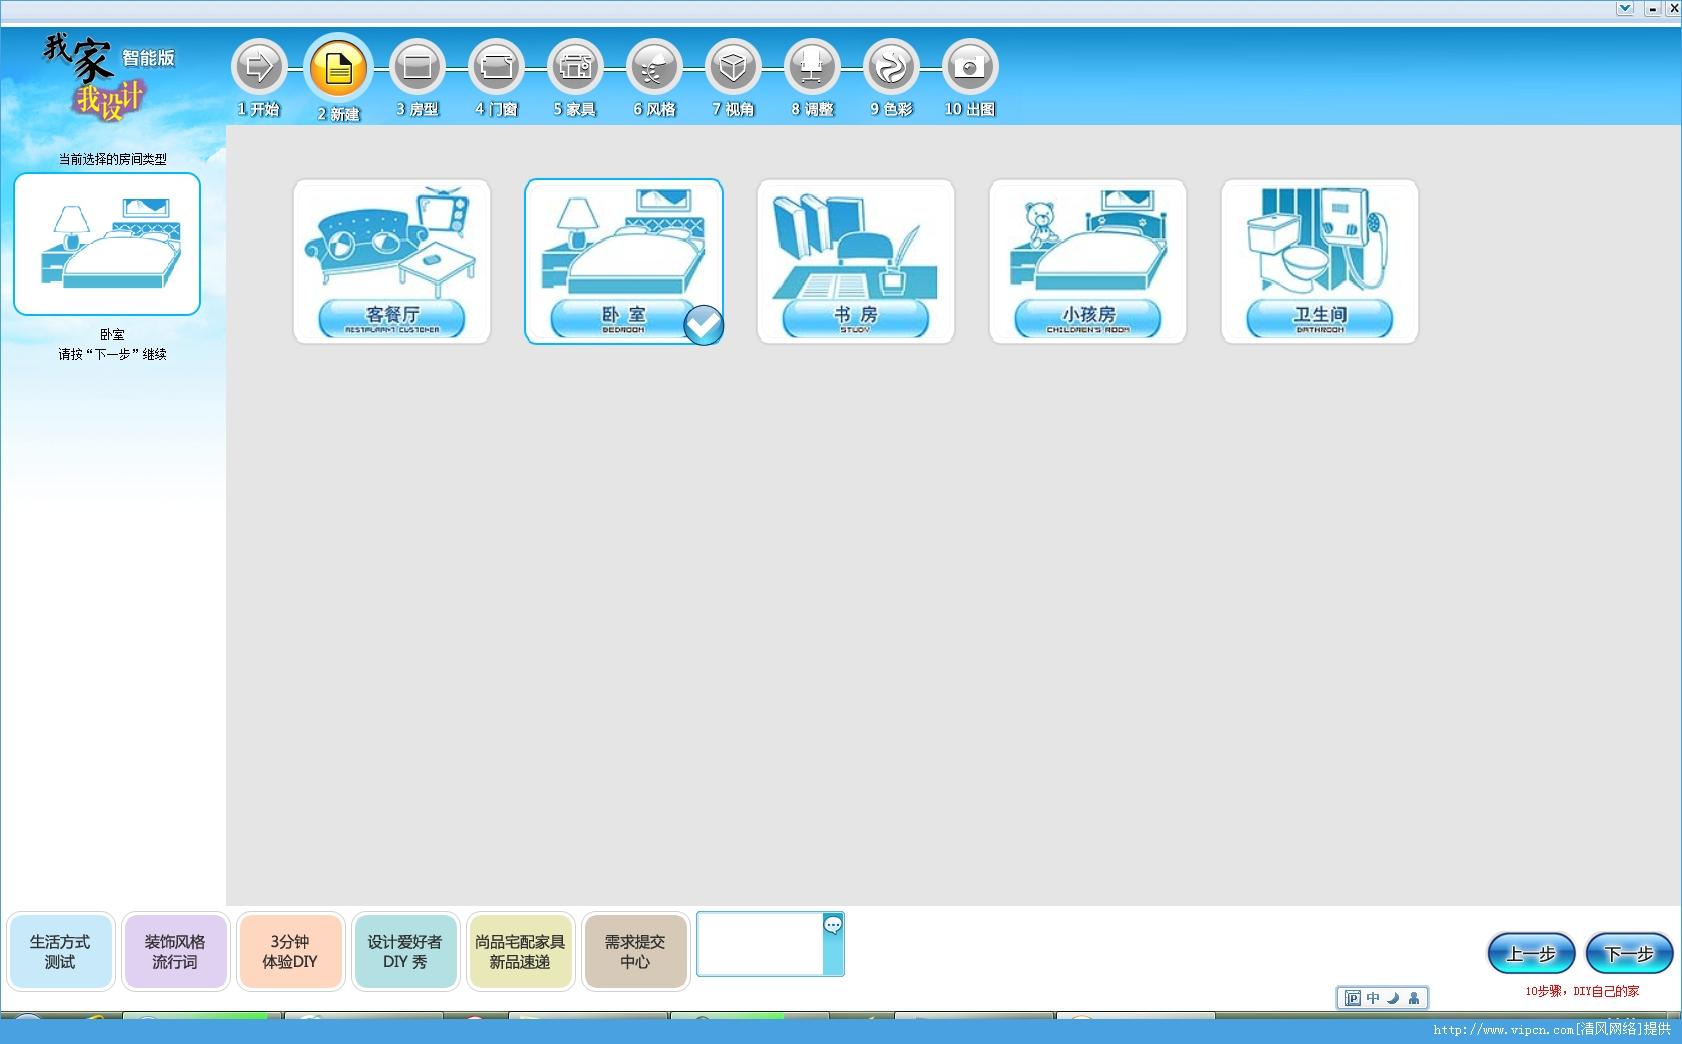 我家我设计软件(免费房屋装修三维设计软件) 官方免费版 V7.0 安装版